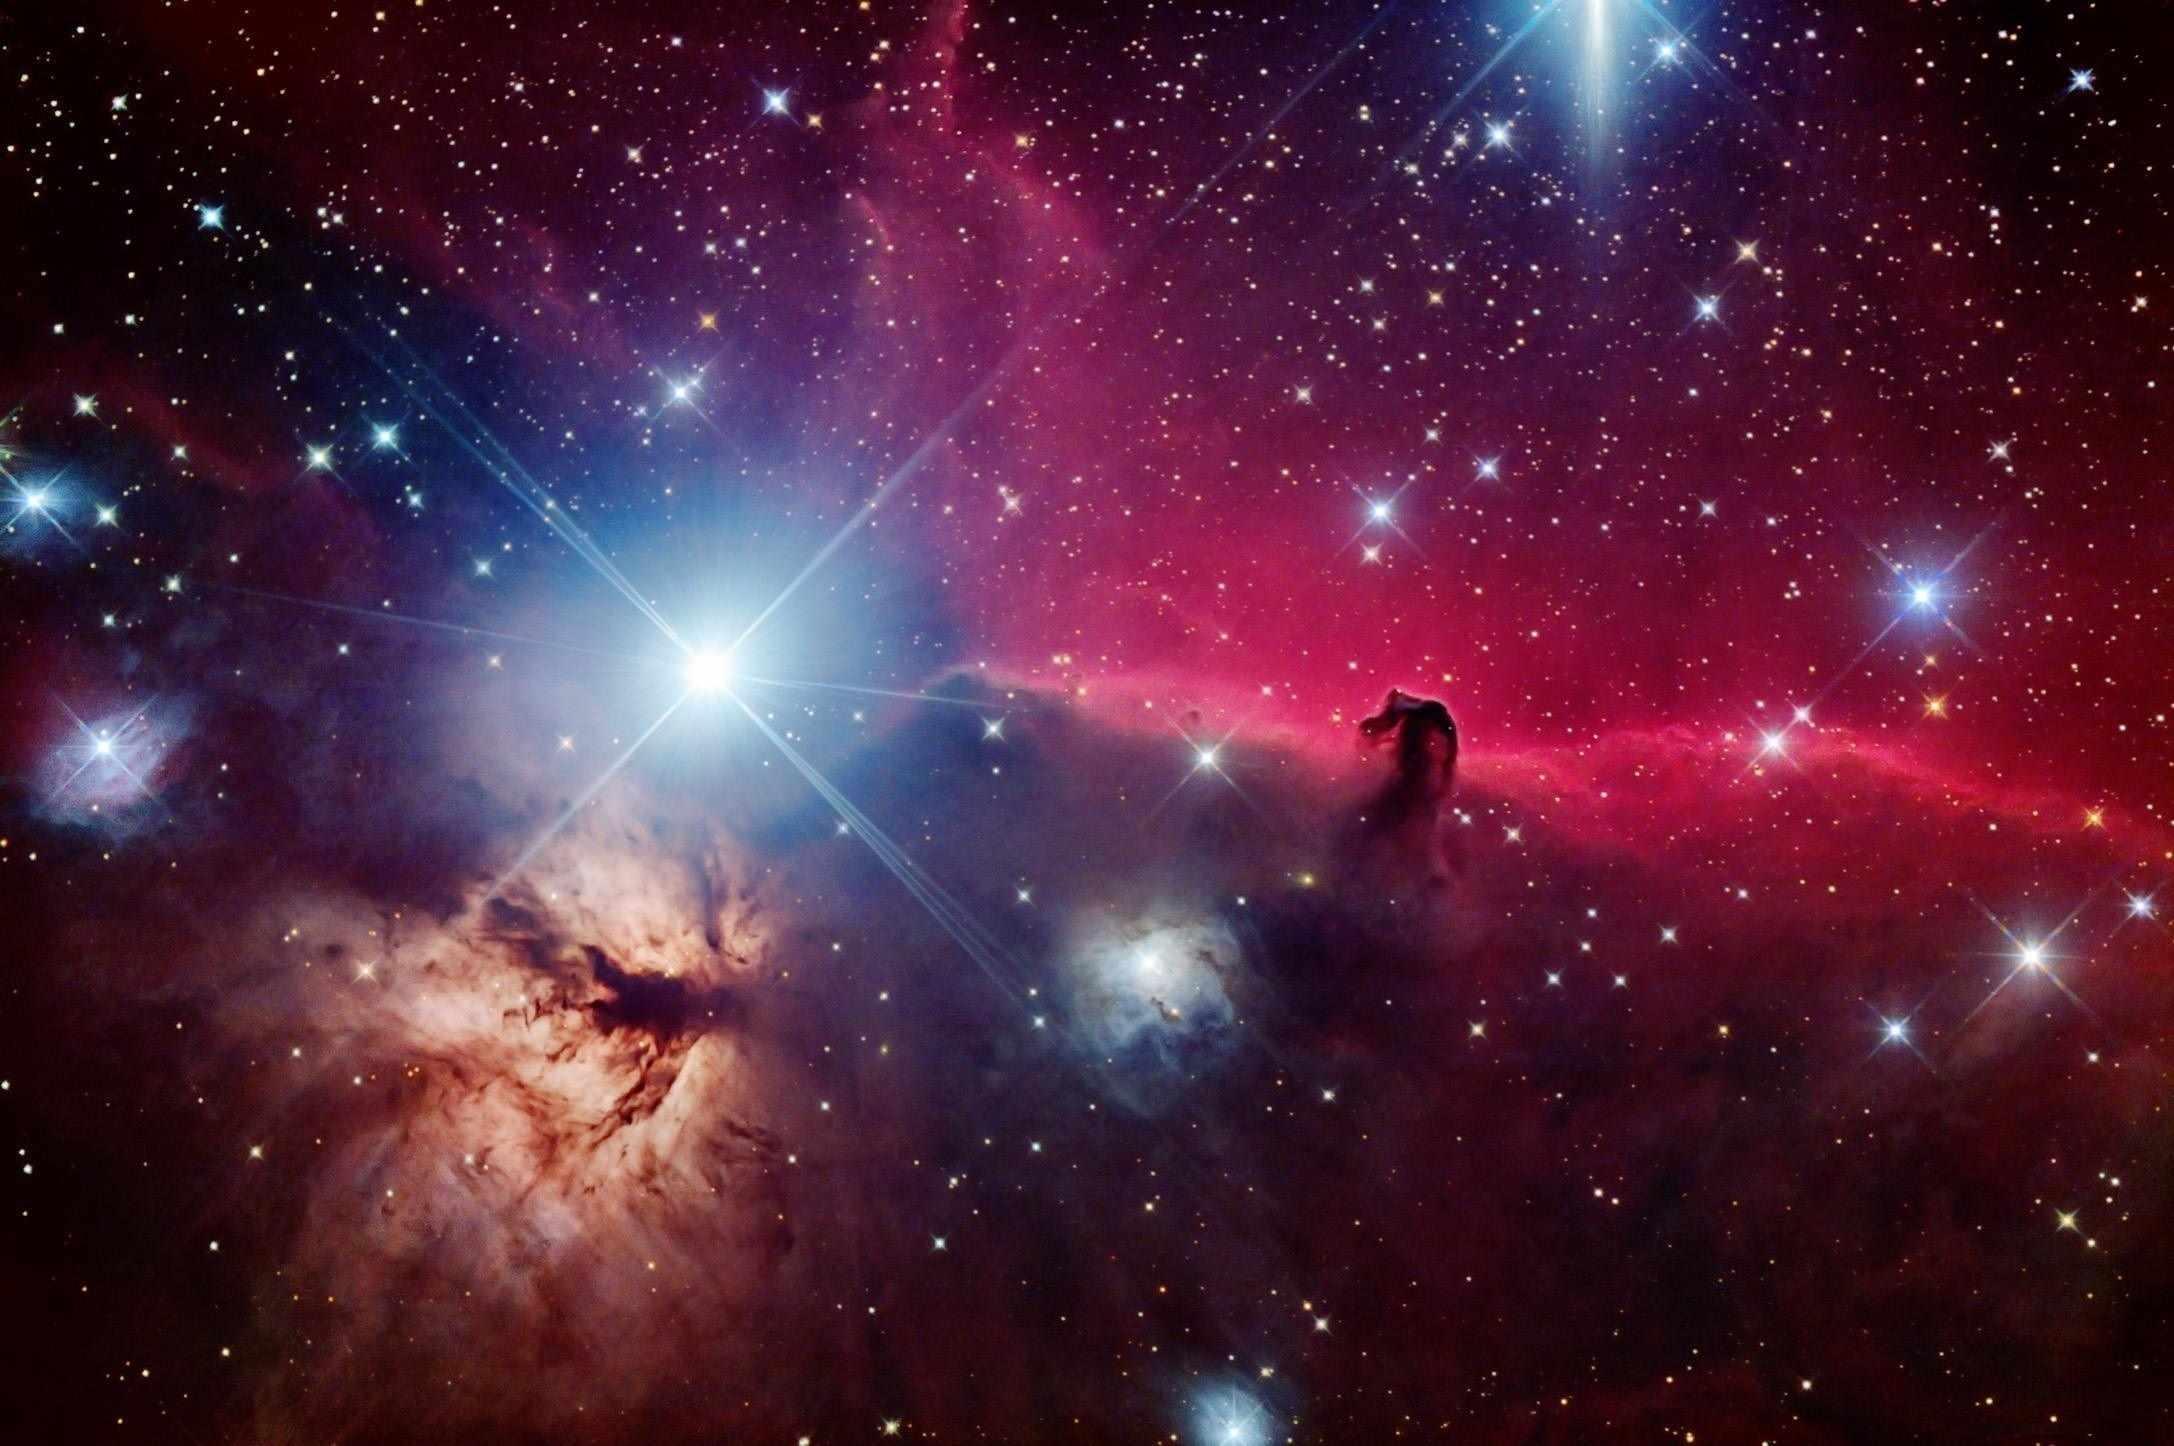 Скачать картинки космоса красивые для срисовки 09